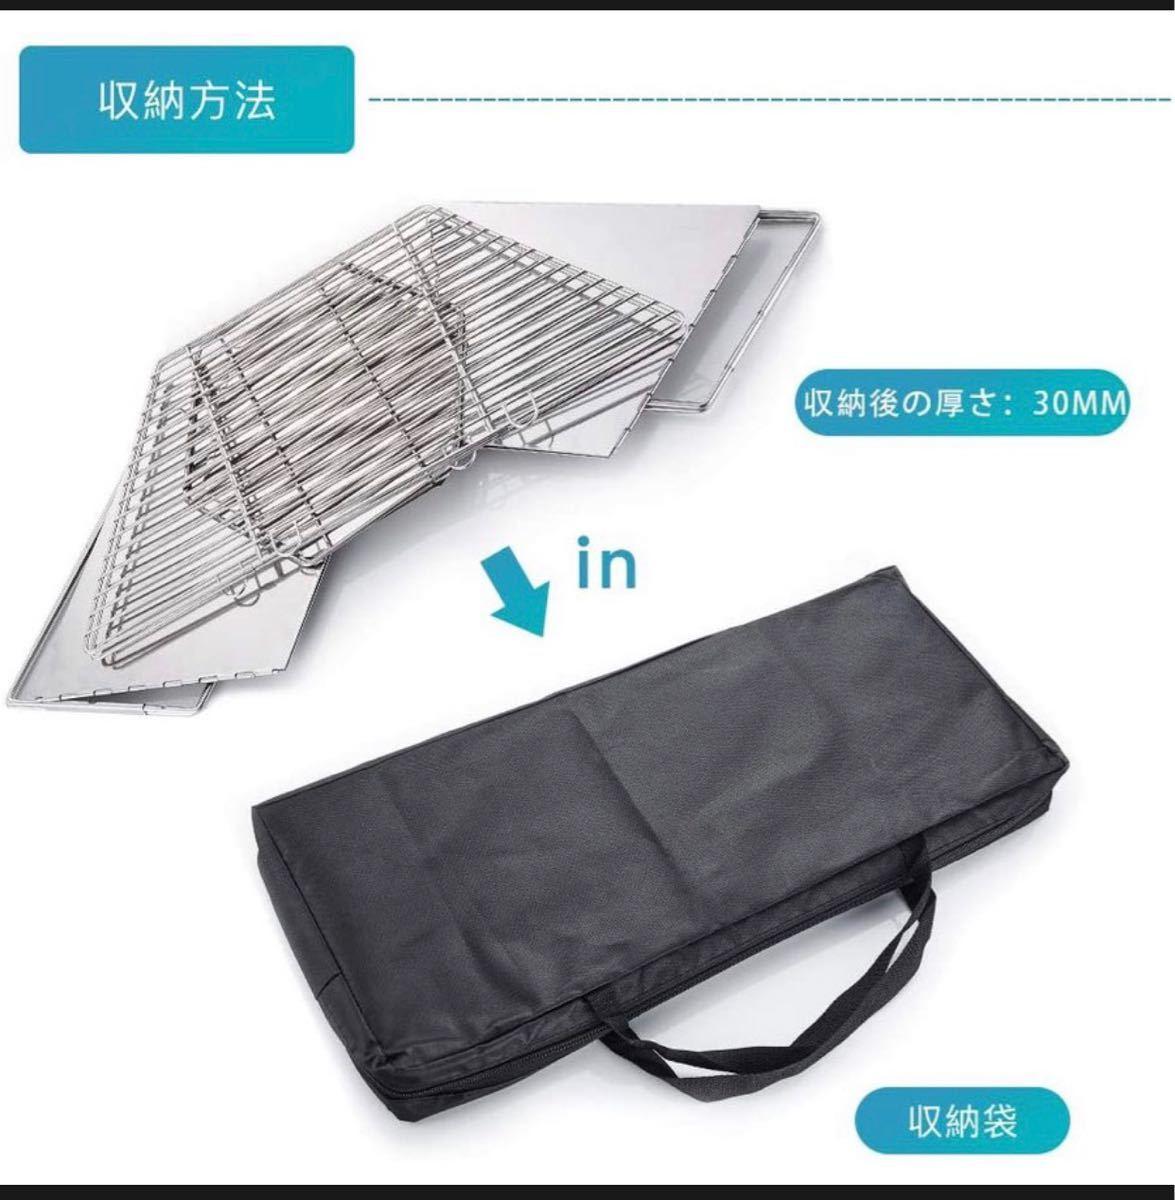 バーベキューコンロ 折りたたみ式 収納袋